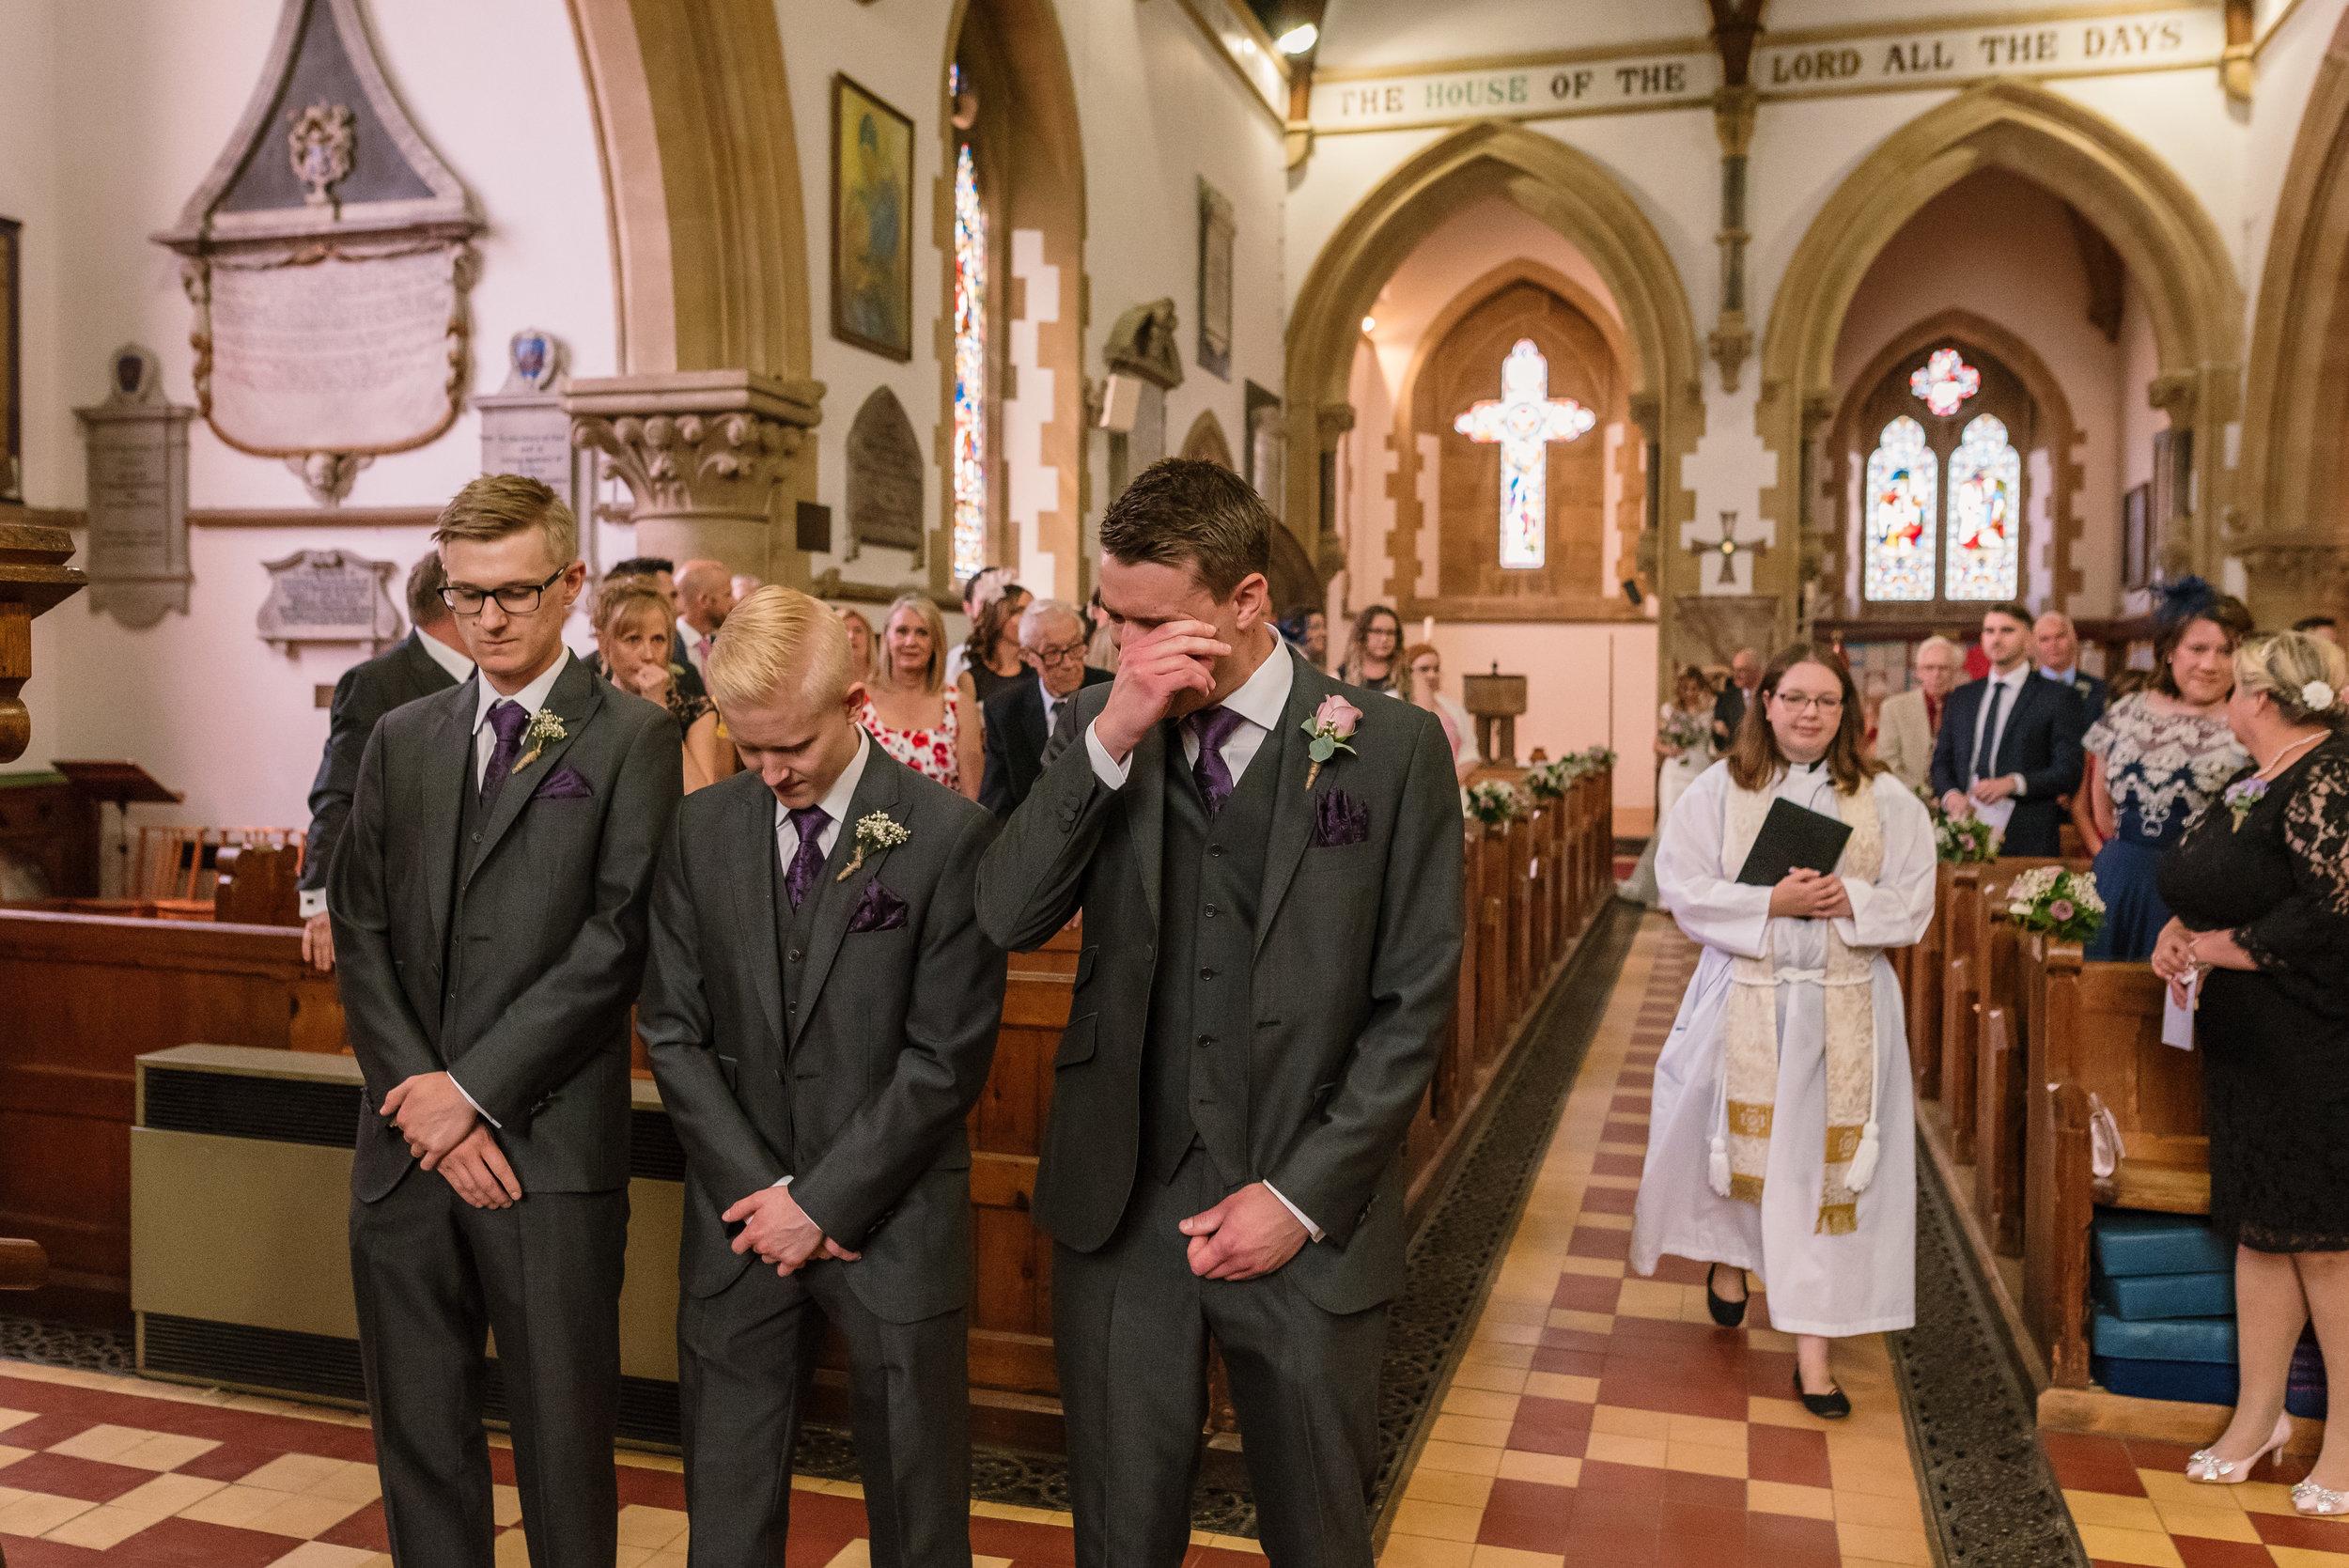 Hampshire Wedding Photographer Hampshire : Ufton-Court-Wedding : Barn-wedding-venue-hampshire : sarah-fishlock-photography : hampshire-barn-wedding-368.jpg